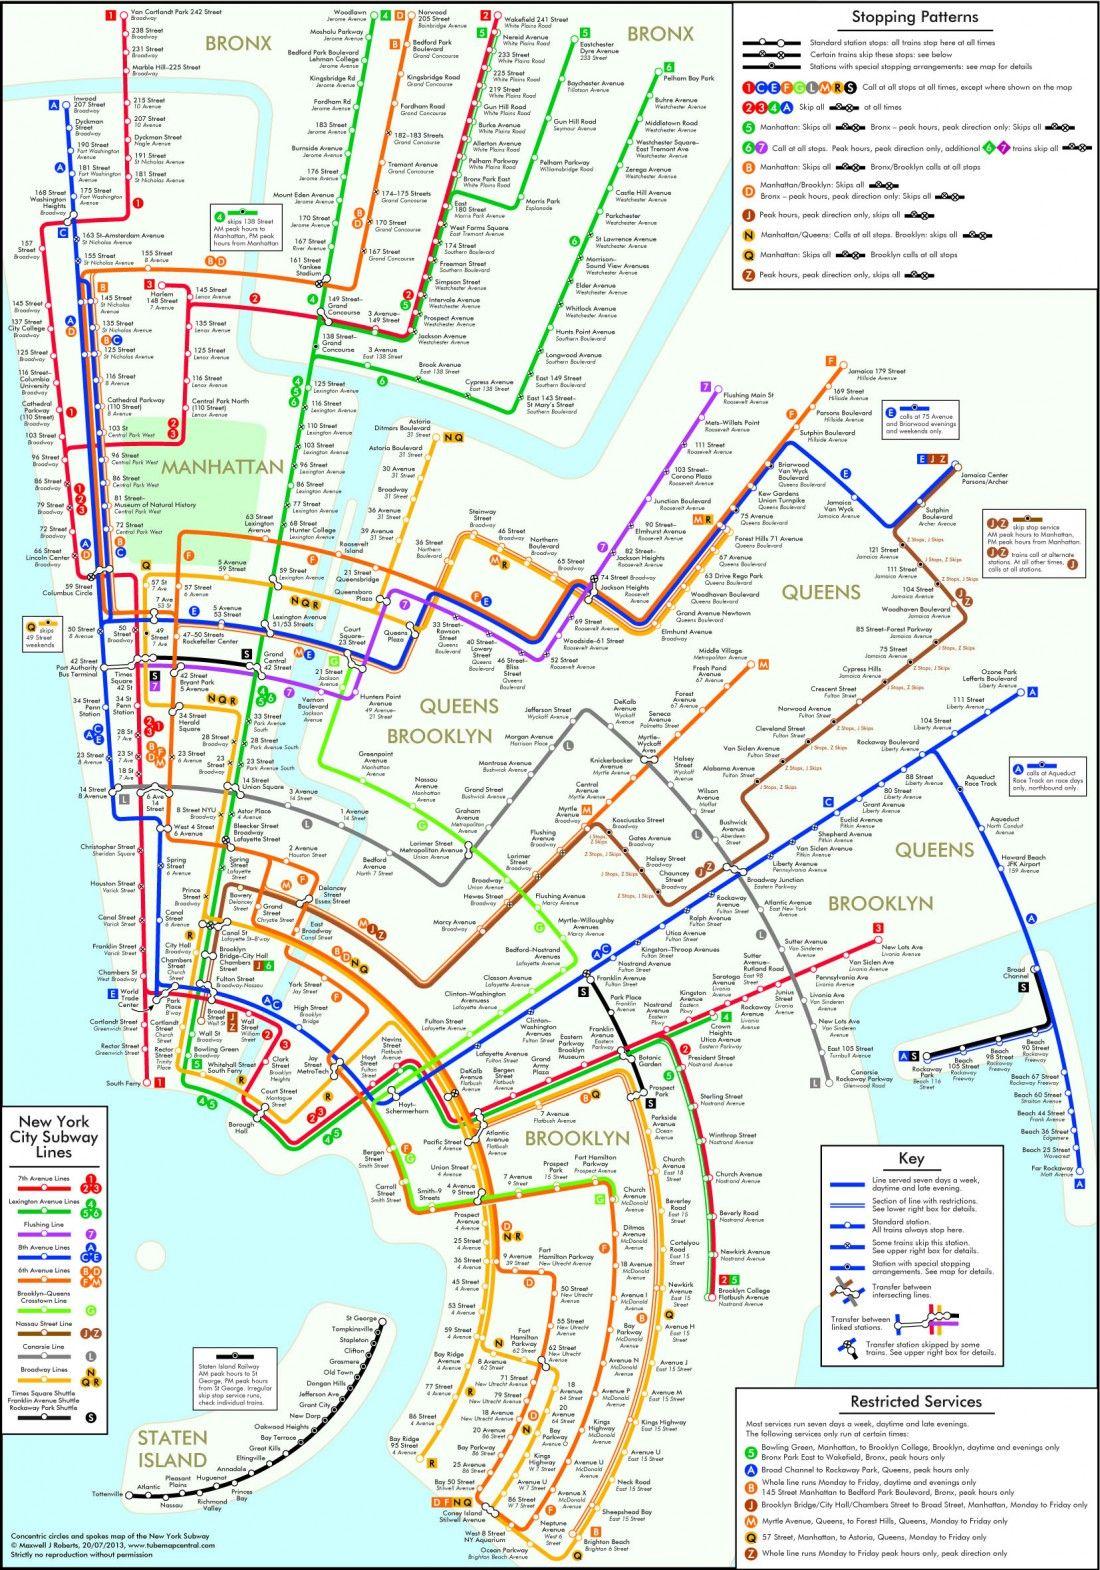 Jackson Heights Subway Map.Des Cartes Du Metro Deformees Pour Une Lecture Facilitee Wnm801